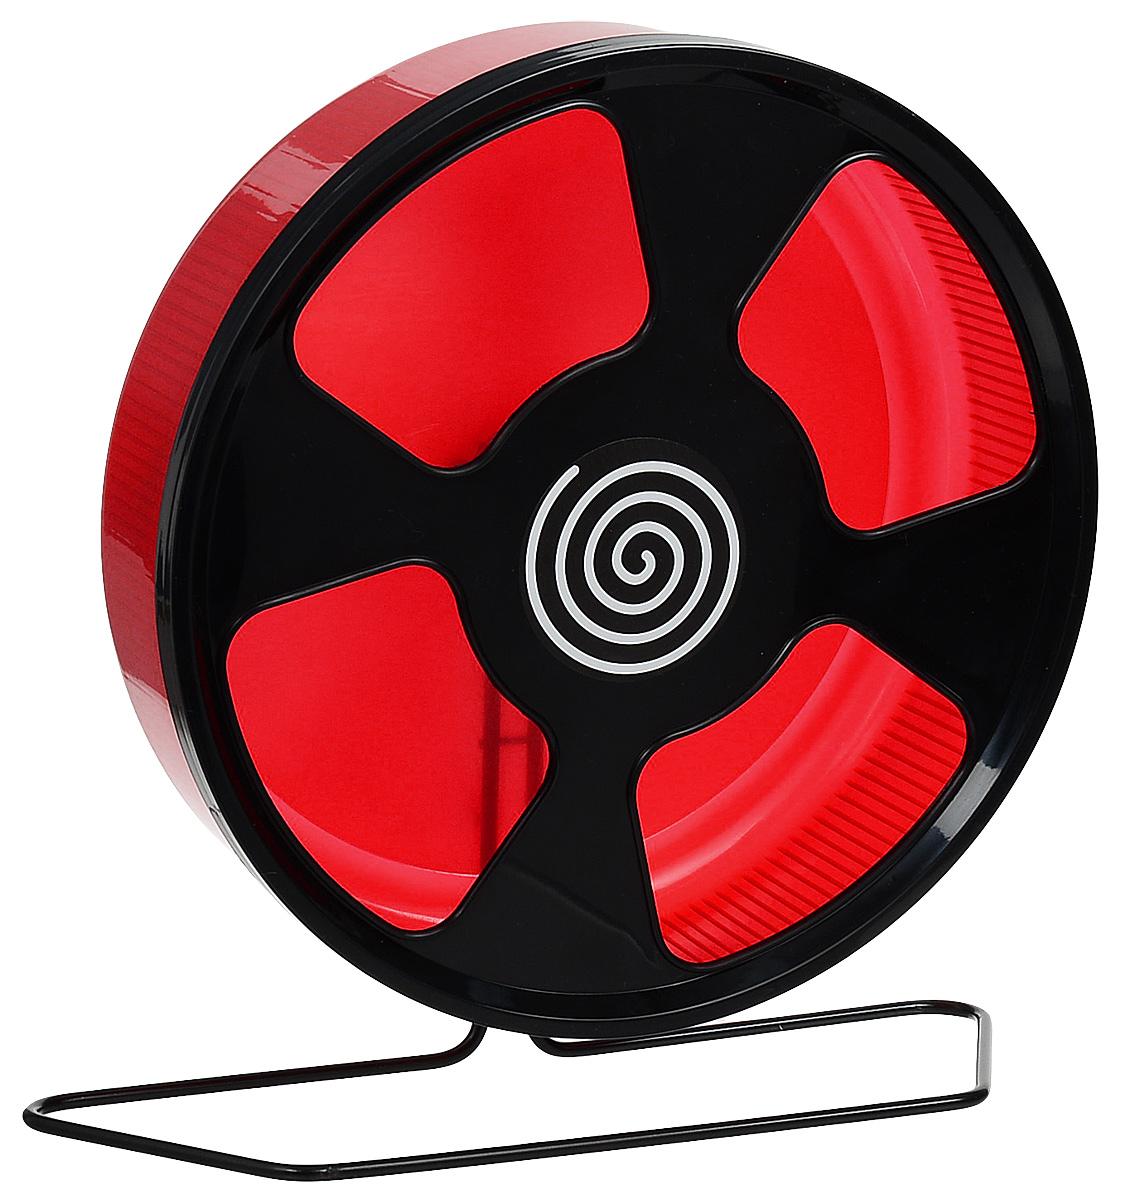 Колесо для грызунов Trixie, на подставке, цвет: красный, черный, диаметр 28 смCGR203XКолесо для грызунов Trixie - удобное и бесшумное, с высоким уровнем безопасности. Поместивего в клетку, вы обеспечите своему питомцу необходимую физическую активность. Сплошнаявнутренняя поверхность без щелей убережет питомца от возможных травм. Можно установить наподставку или прикрепить к решетке.Колесо можно использовать для дегу, крыс или молодых шиншилл.Диаметр колеса: 28см.